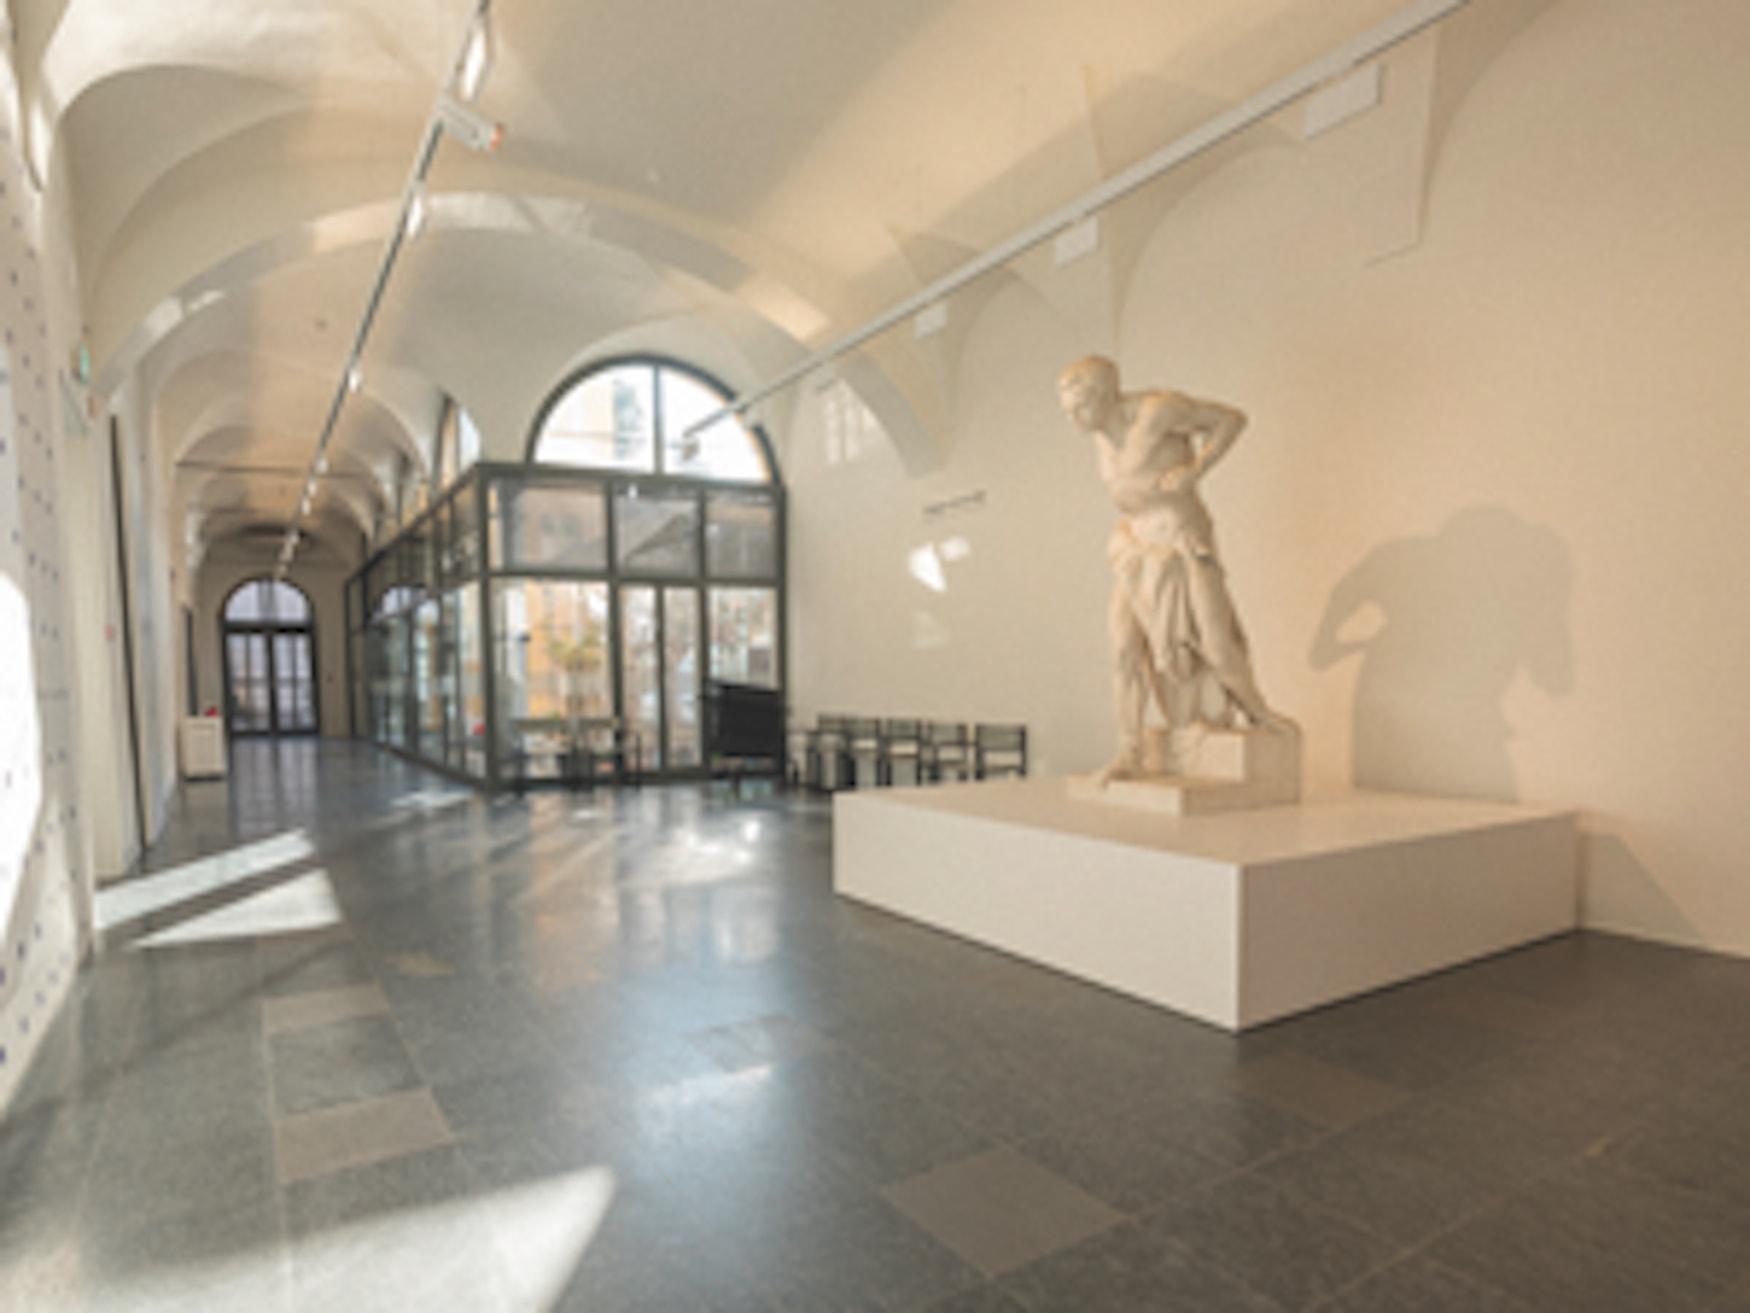 Skulptur im MASI Lugano, Palazzo Reali in Lugano, Schweiz.